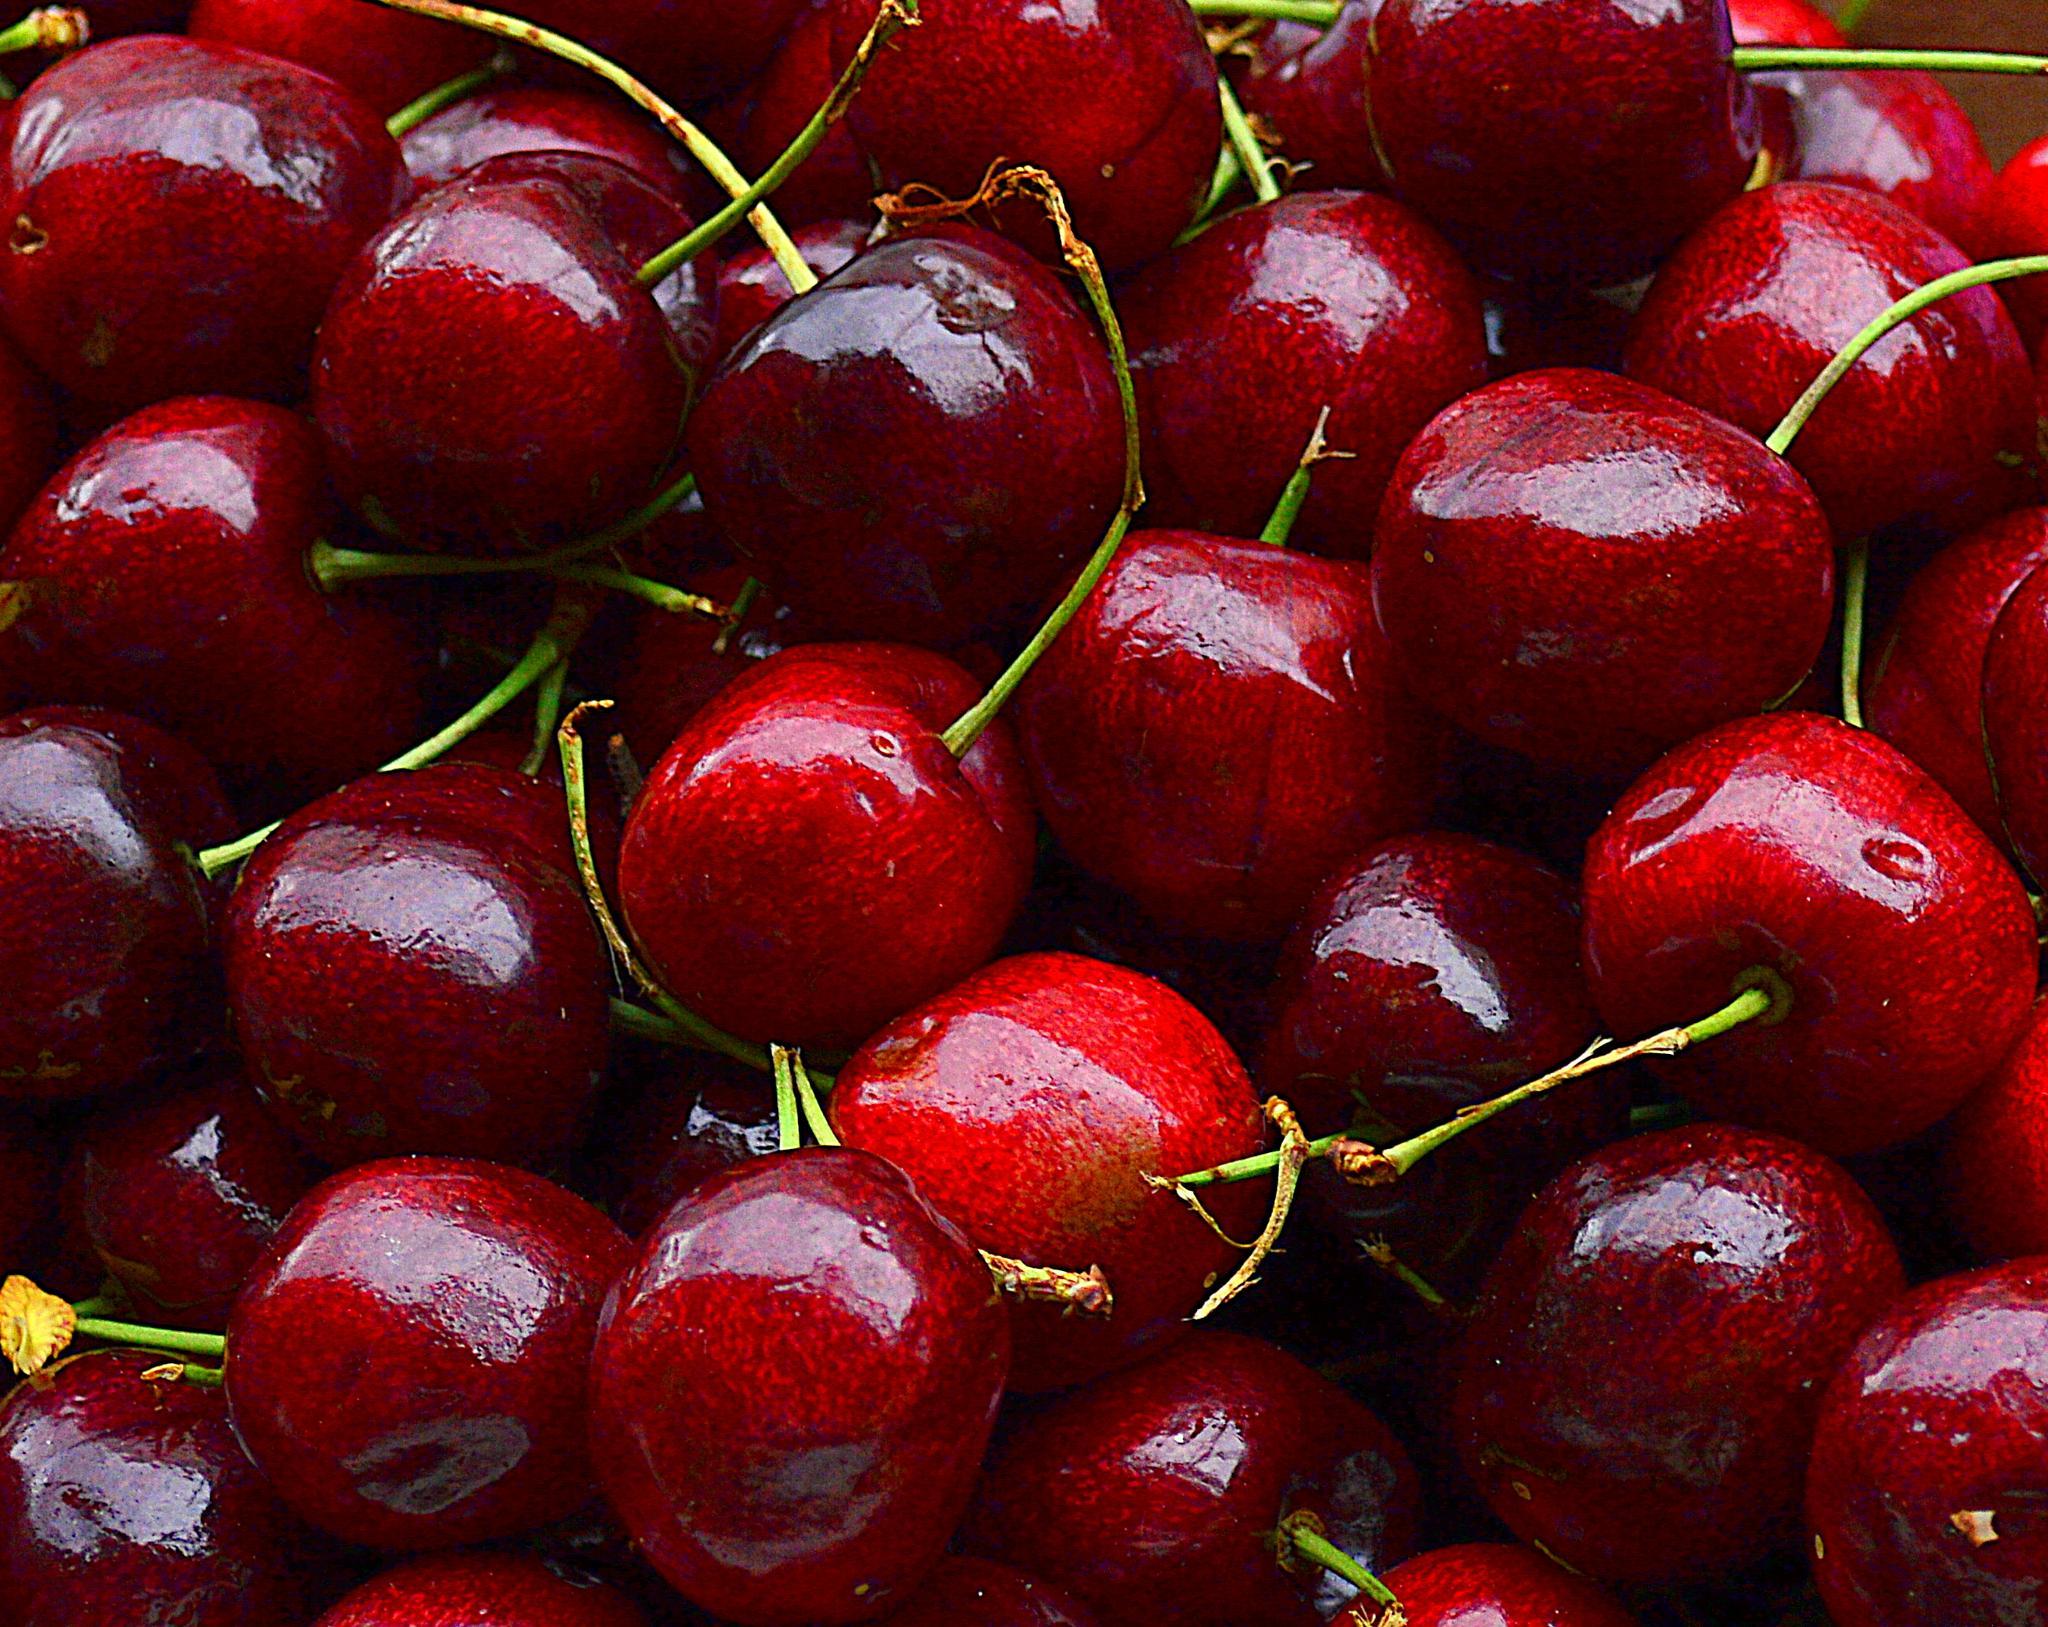 Cherry by Andrew Piekut